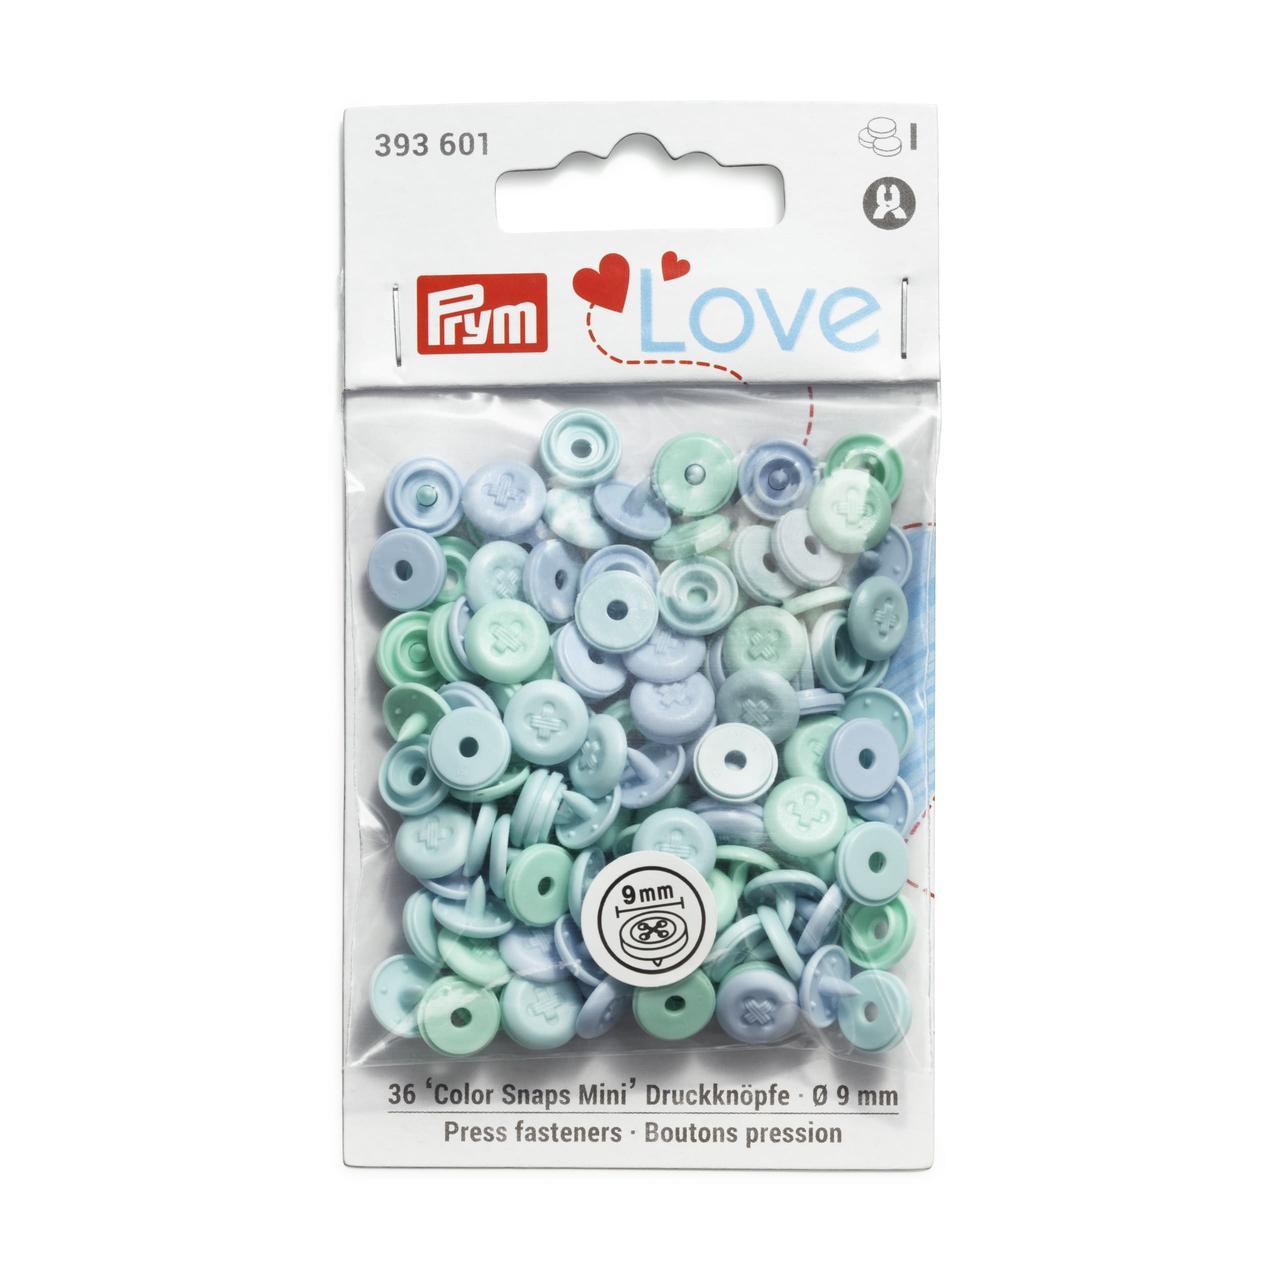 Непришивные кнопки «Color Snaps Mini», 9 мм, с имитацией стежка Prym Love 393601